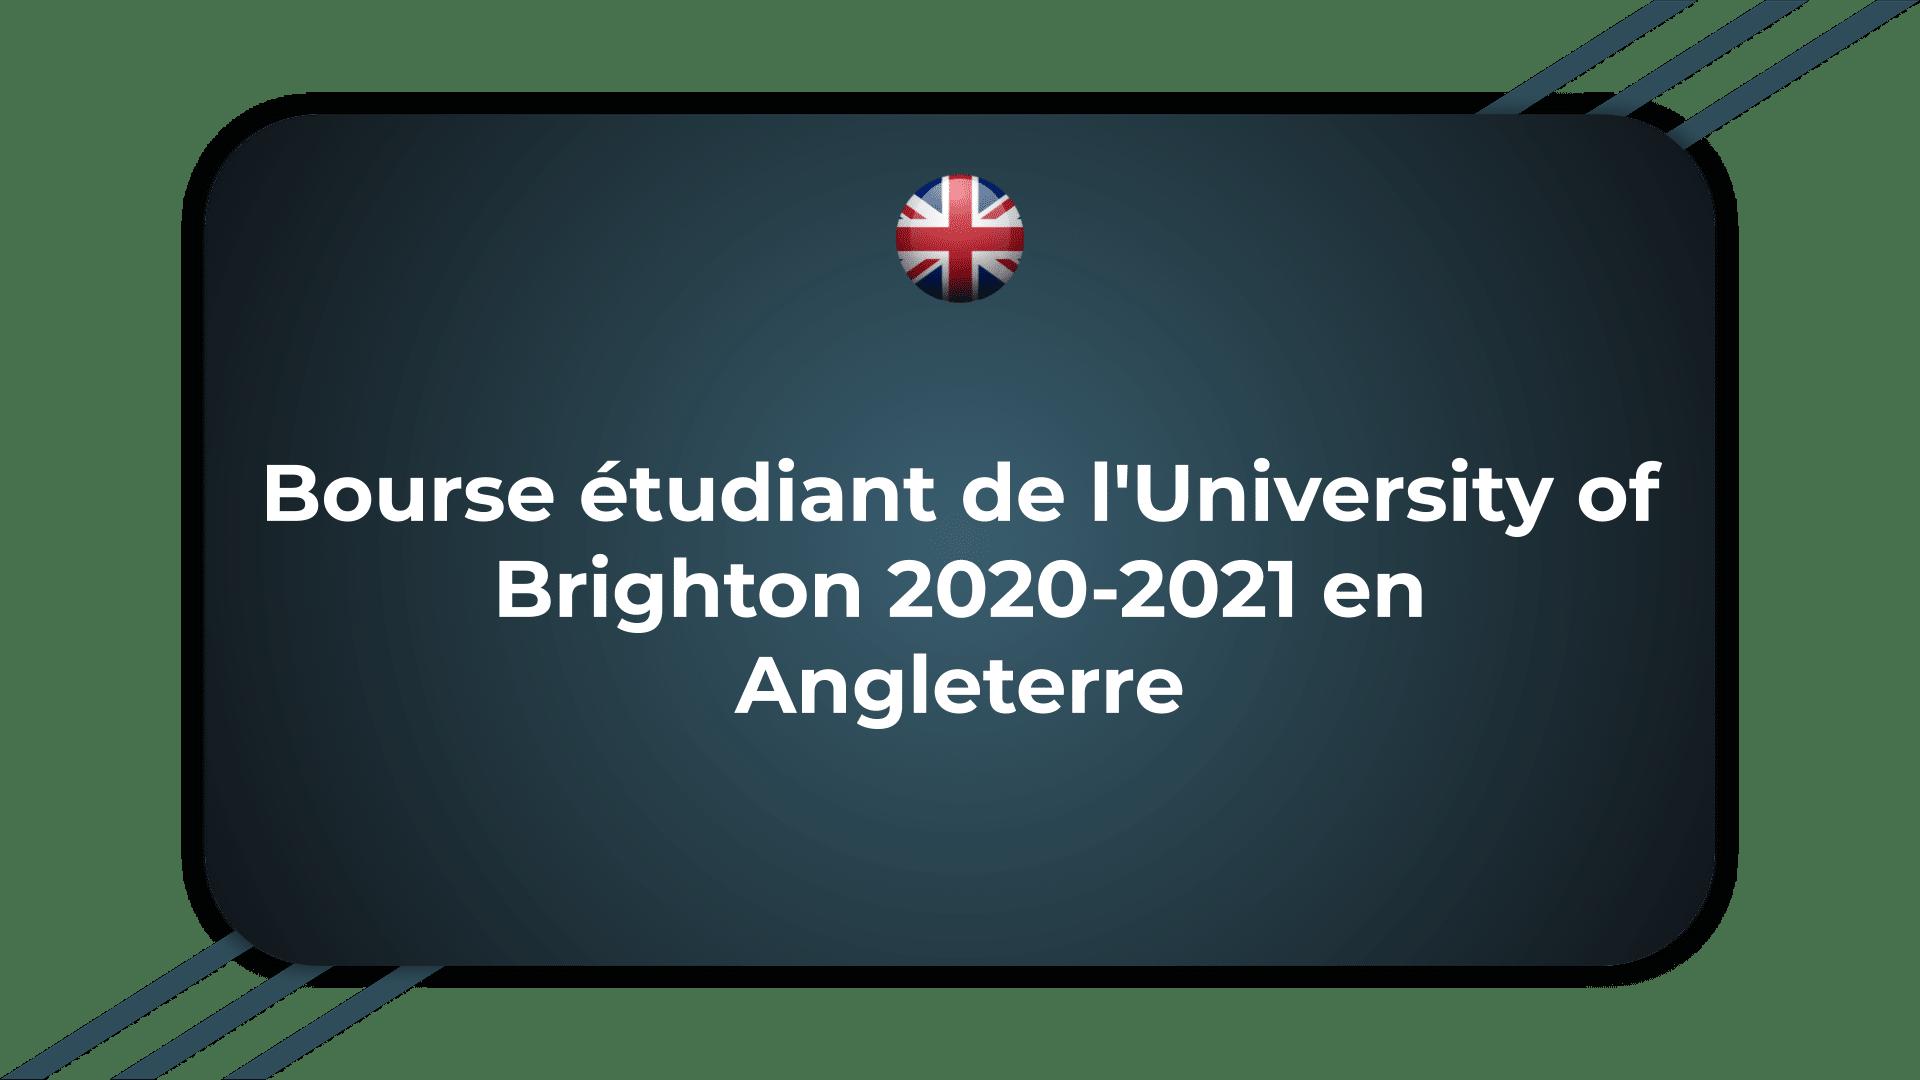 Bourse étudiant de l'University of Brighton